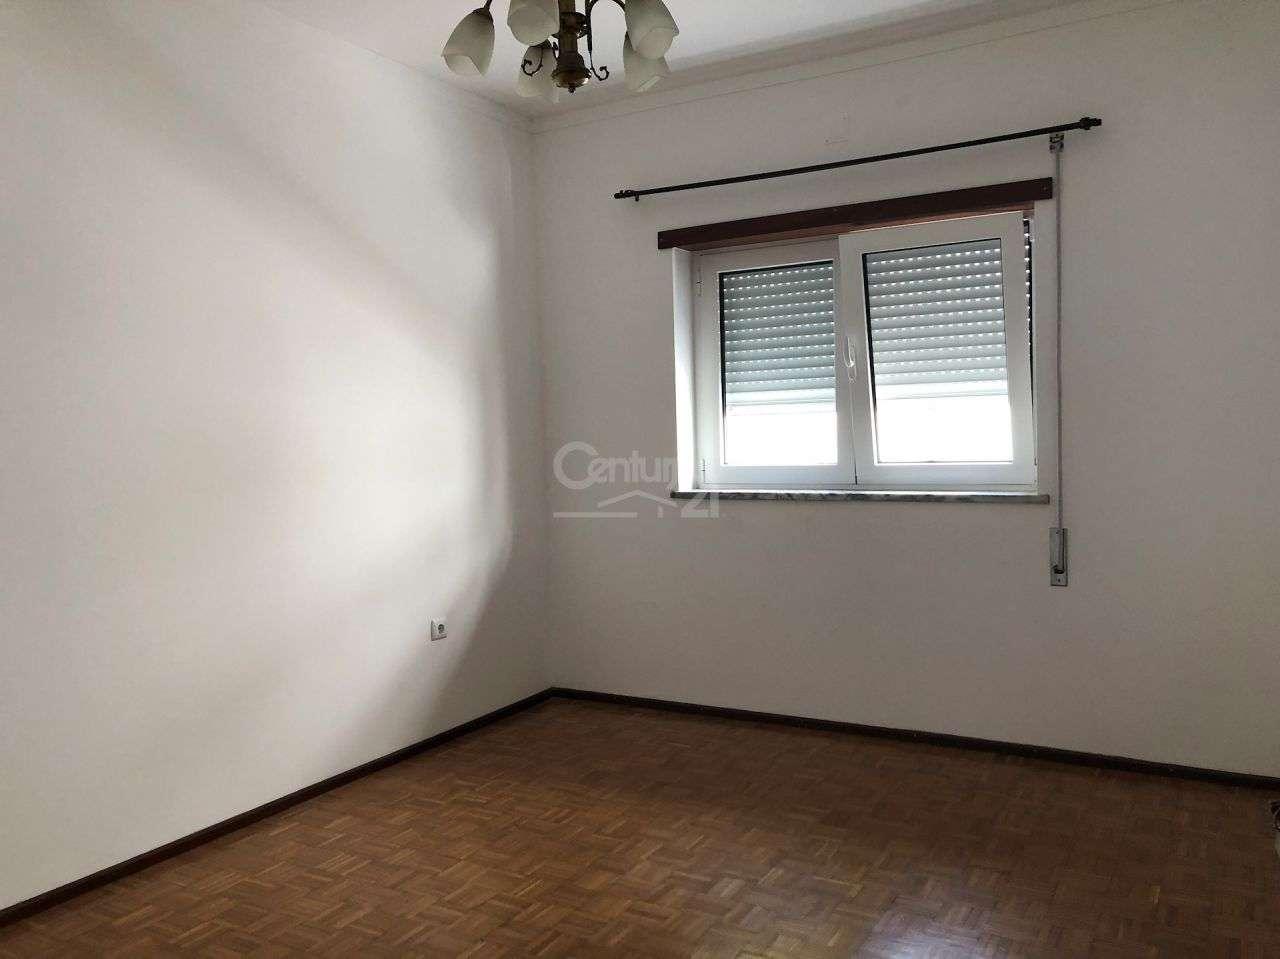 Apartamento para comprar, Castro Daire, Viseu - Foto 8